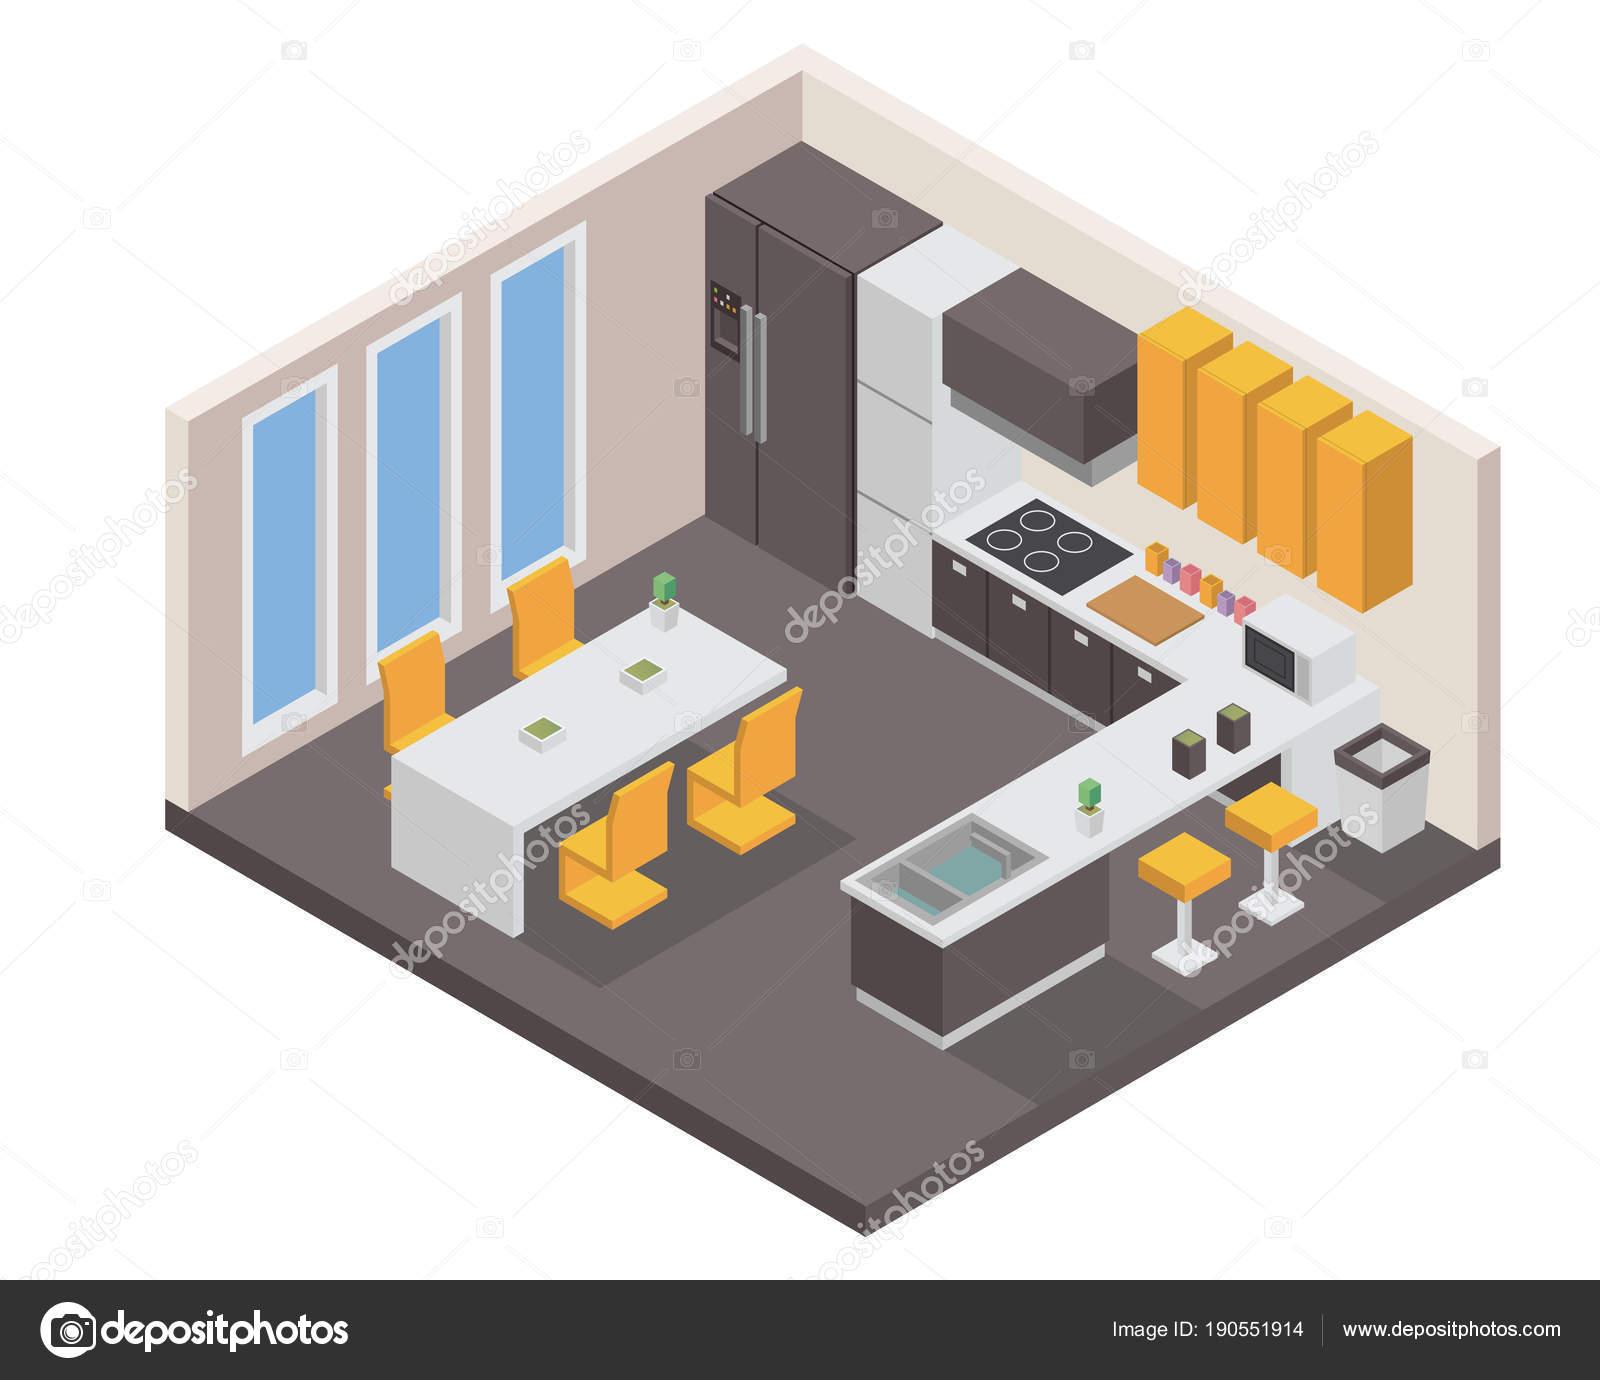 Amazing Modernen Isometrische Luxus Haus Küche Interior Design U2014 Stockvektor